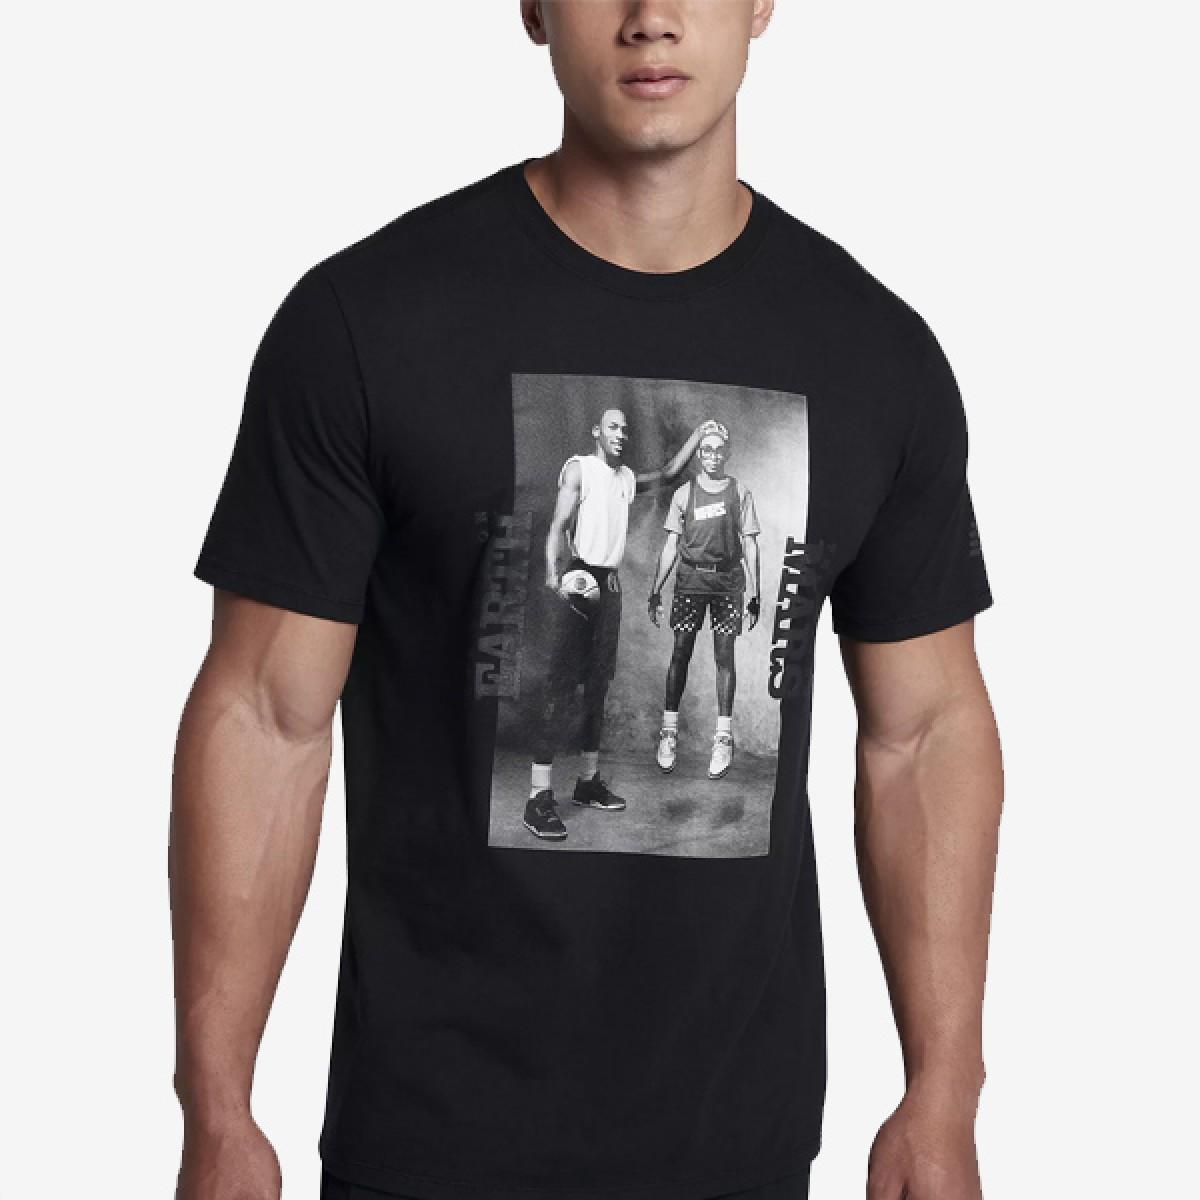 Jordan Mars Blackmon Photo T-Shirt 'Black'